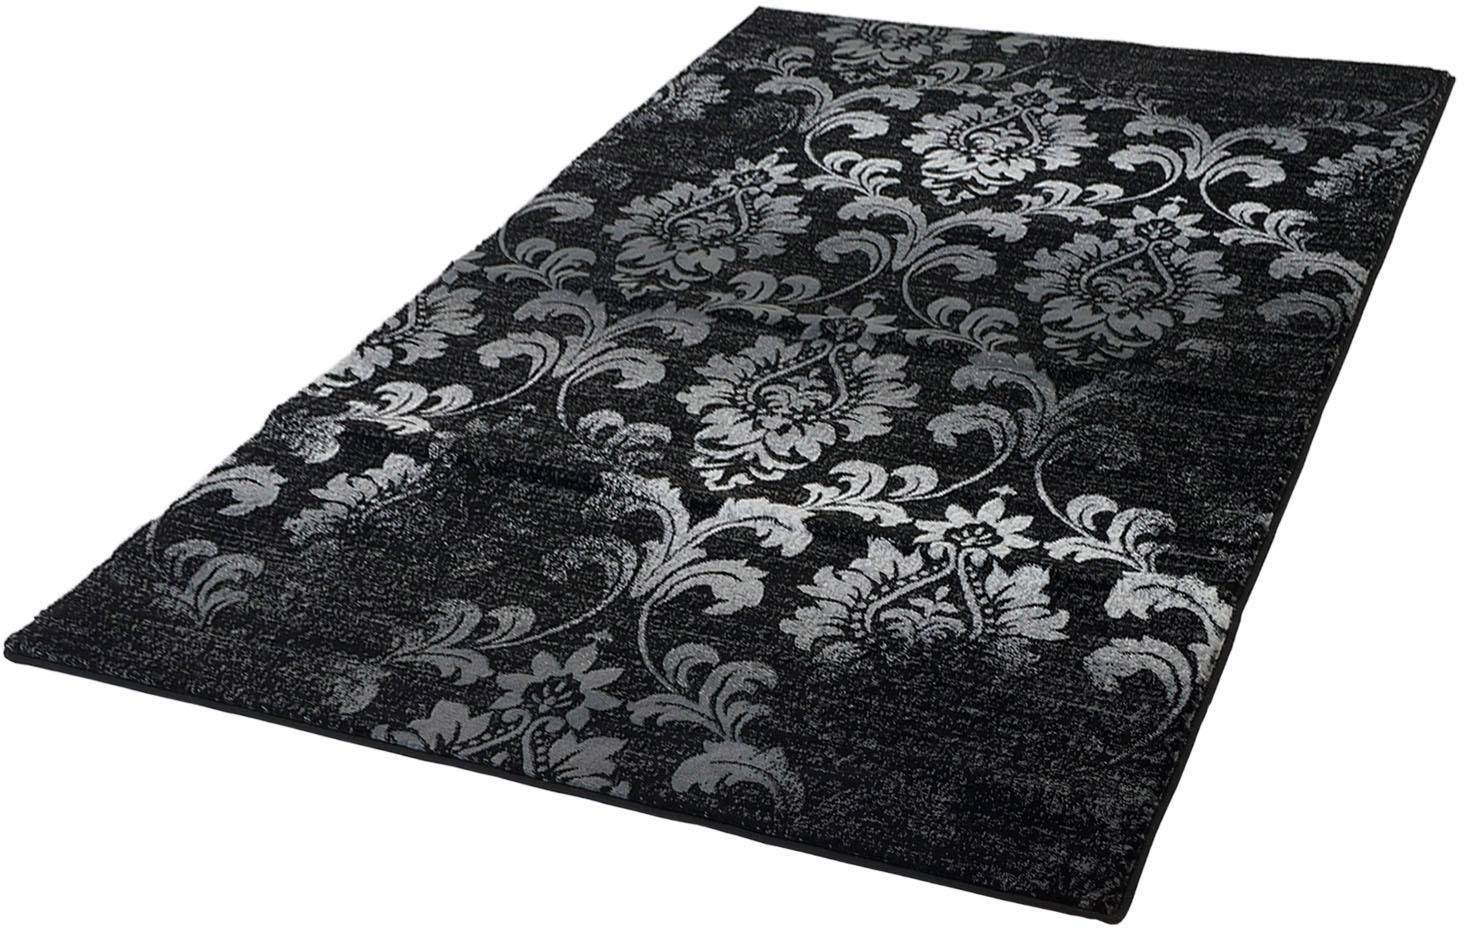 Teppich Inspiration 5792 Carpet City rechteckig Höhe 11 mm maschinell gewebt